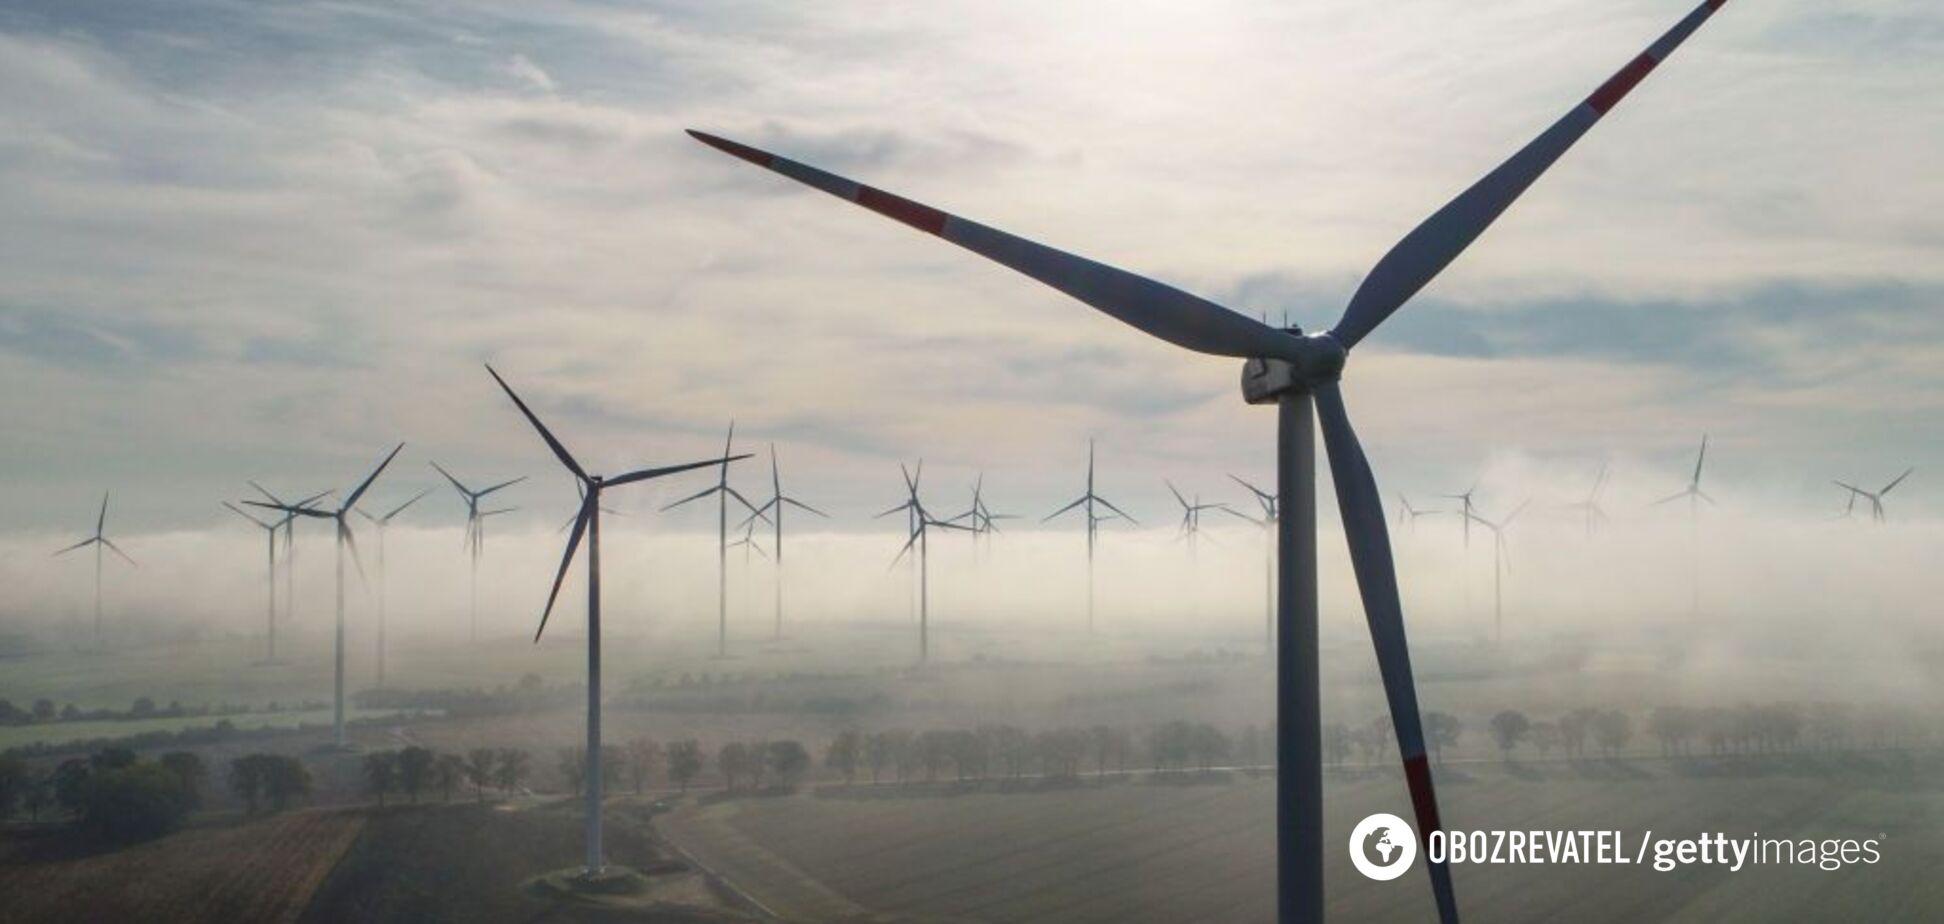 Самая большая в Европе: в Украине появится гигантская ветроэлектростанция